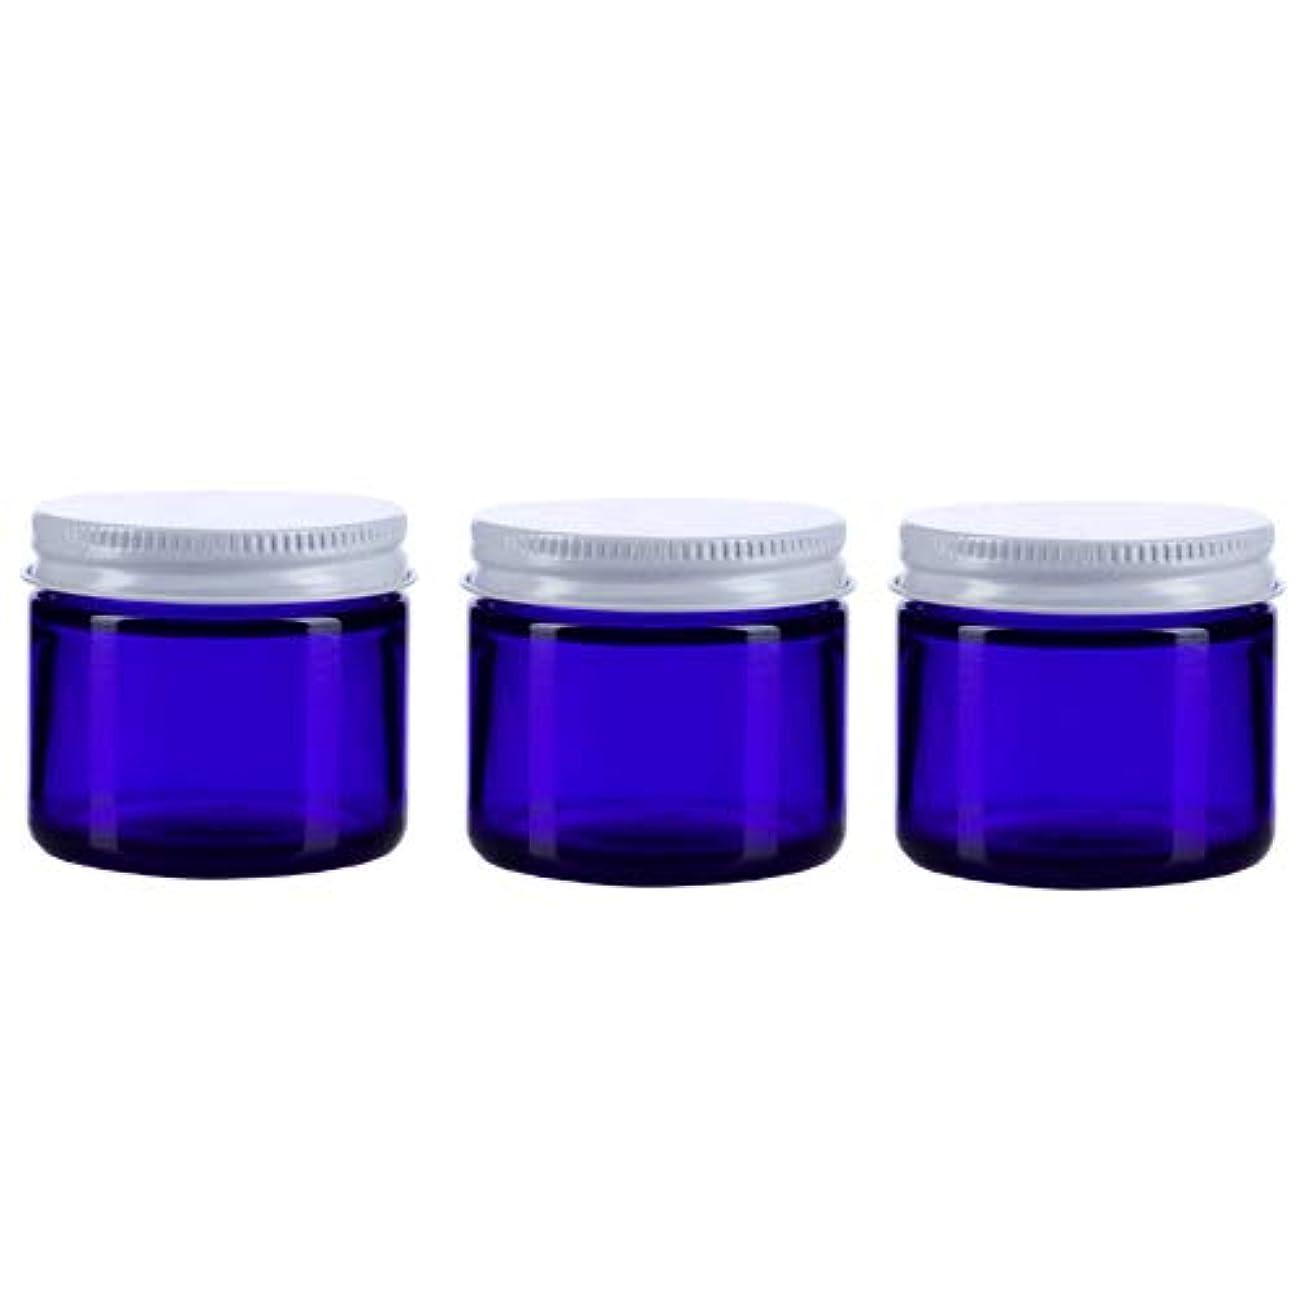 黒人不潔火曜日3個セット ガラス 遮光ジャー コバルトブルー 60ml  小分け 保存 詰替え 遮光瓶 ブルー容器【並行輸入品】